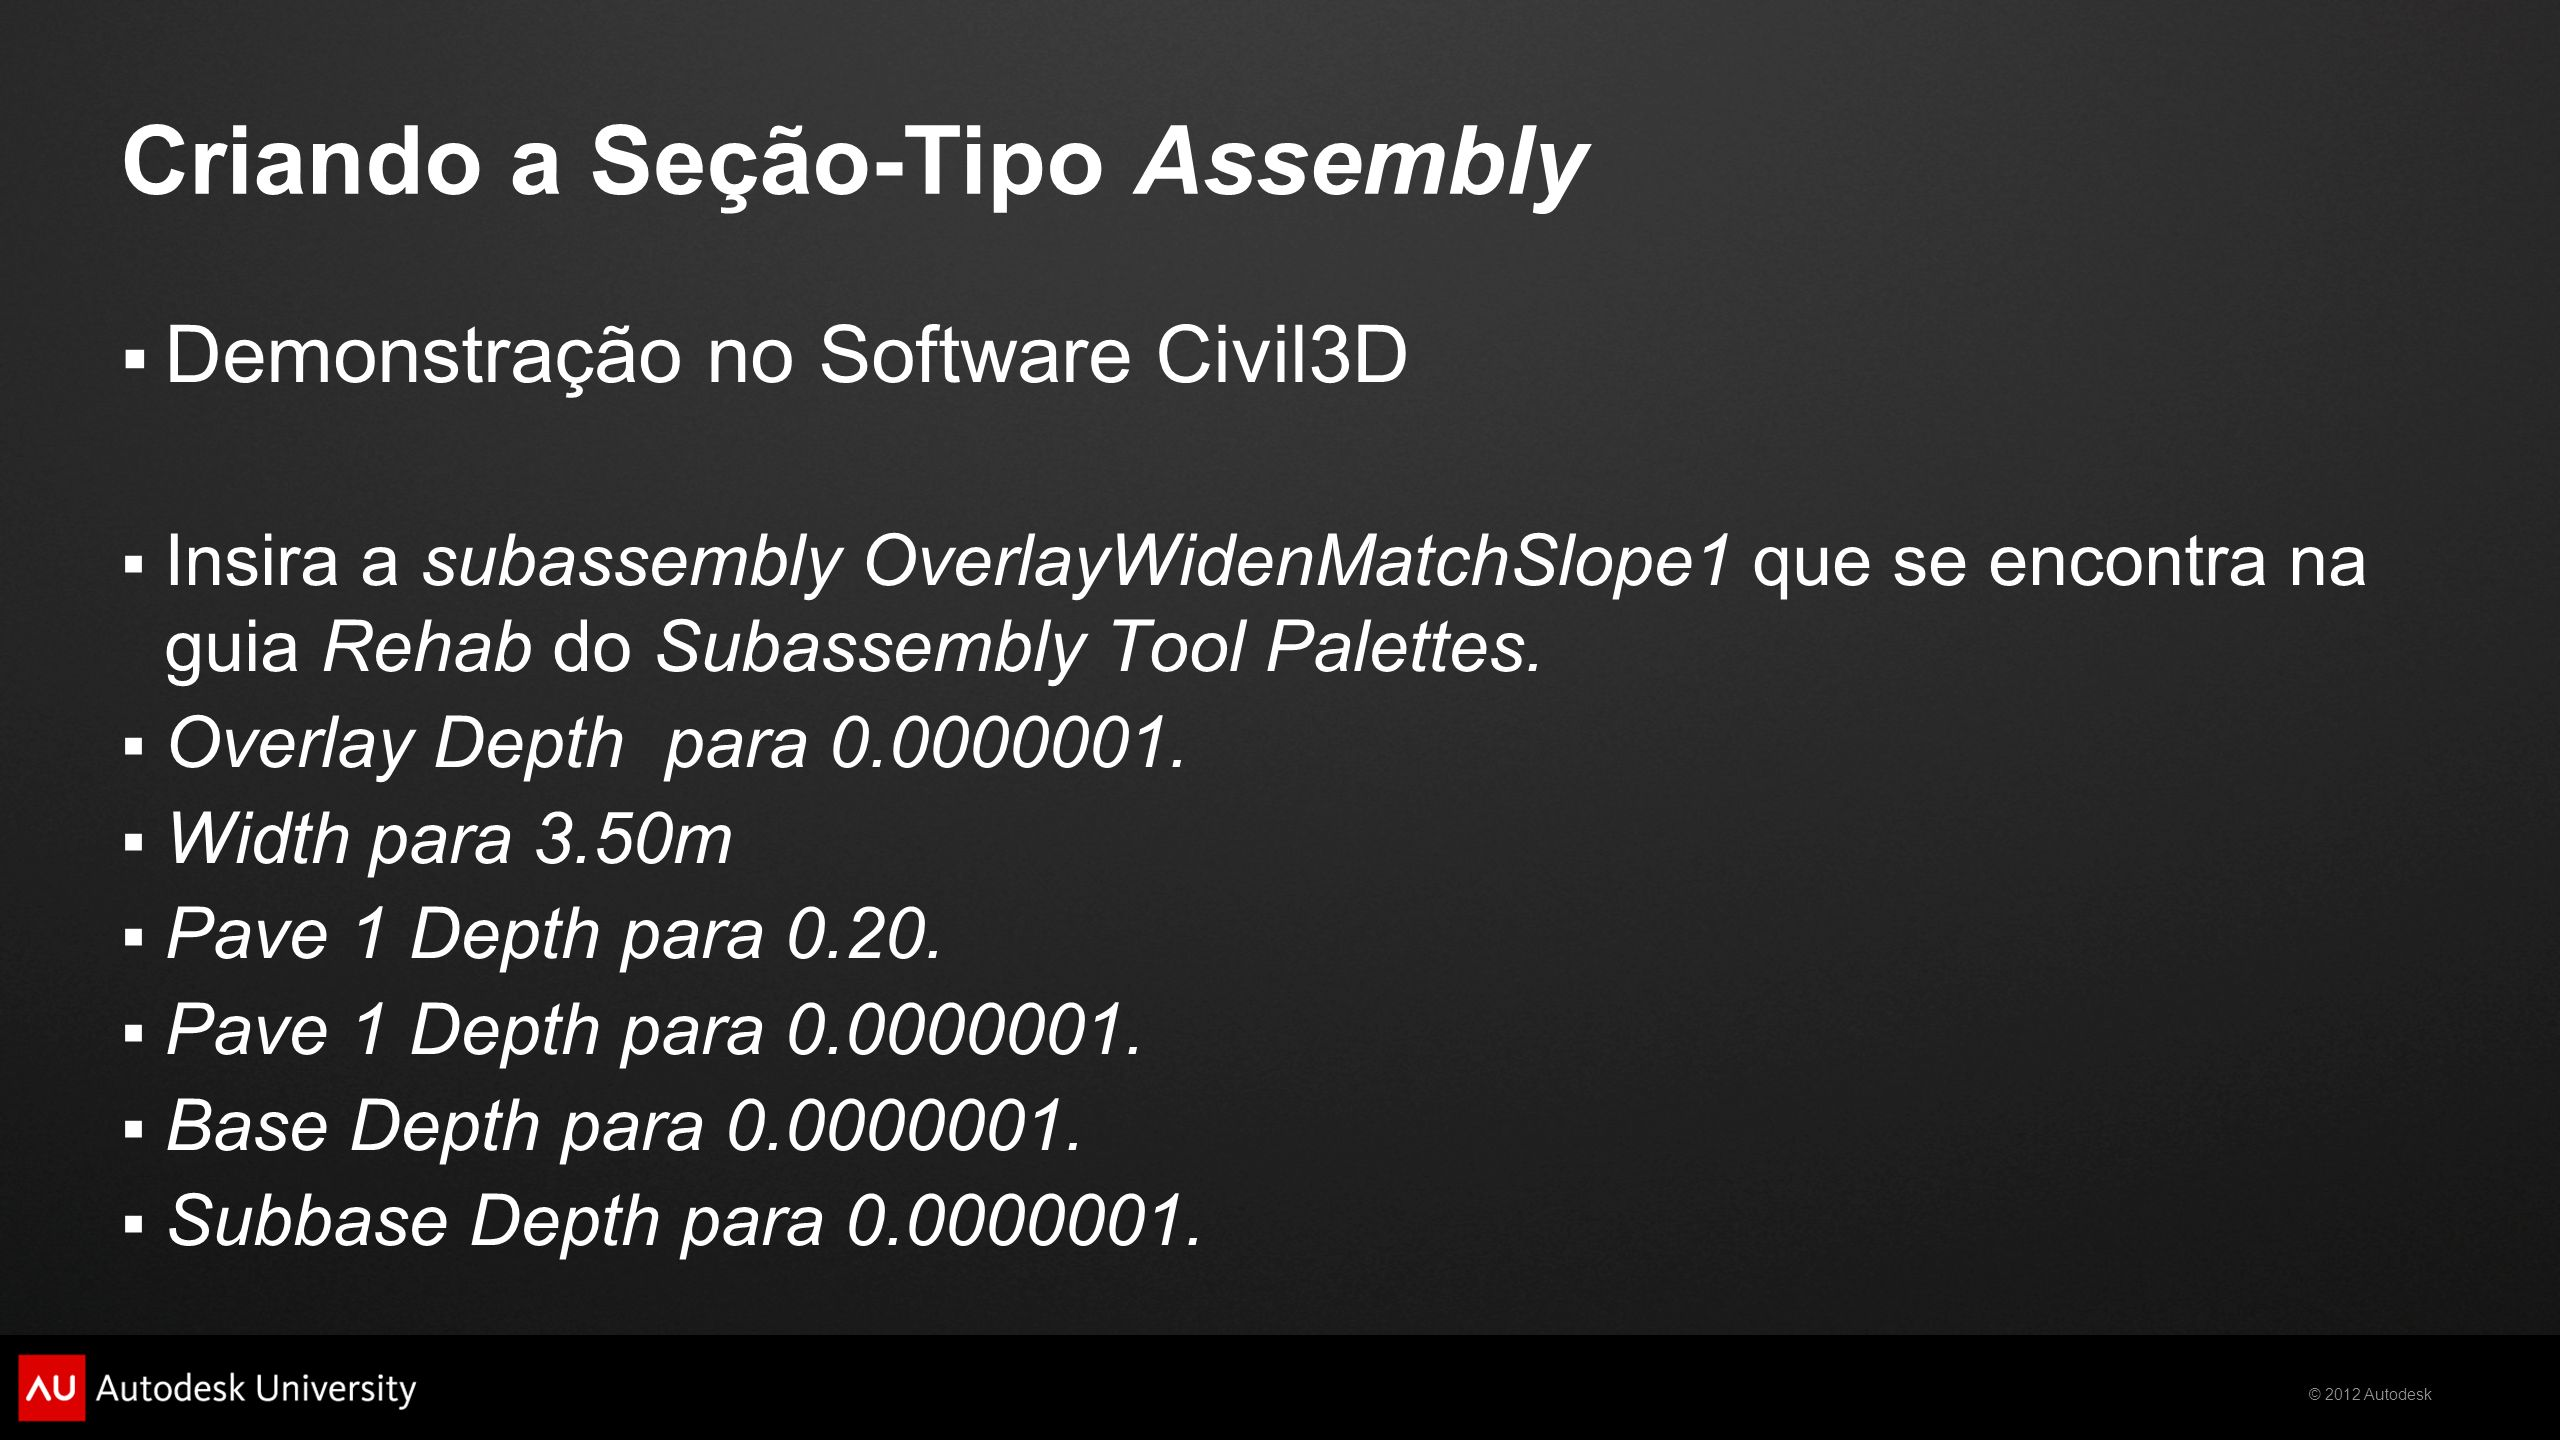 Criando a Seção-Tipo Assembly